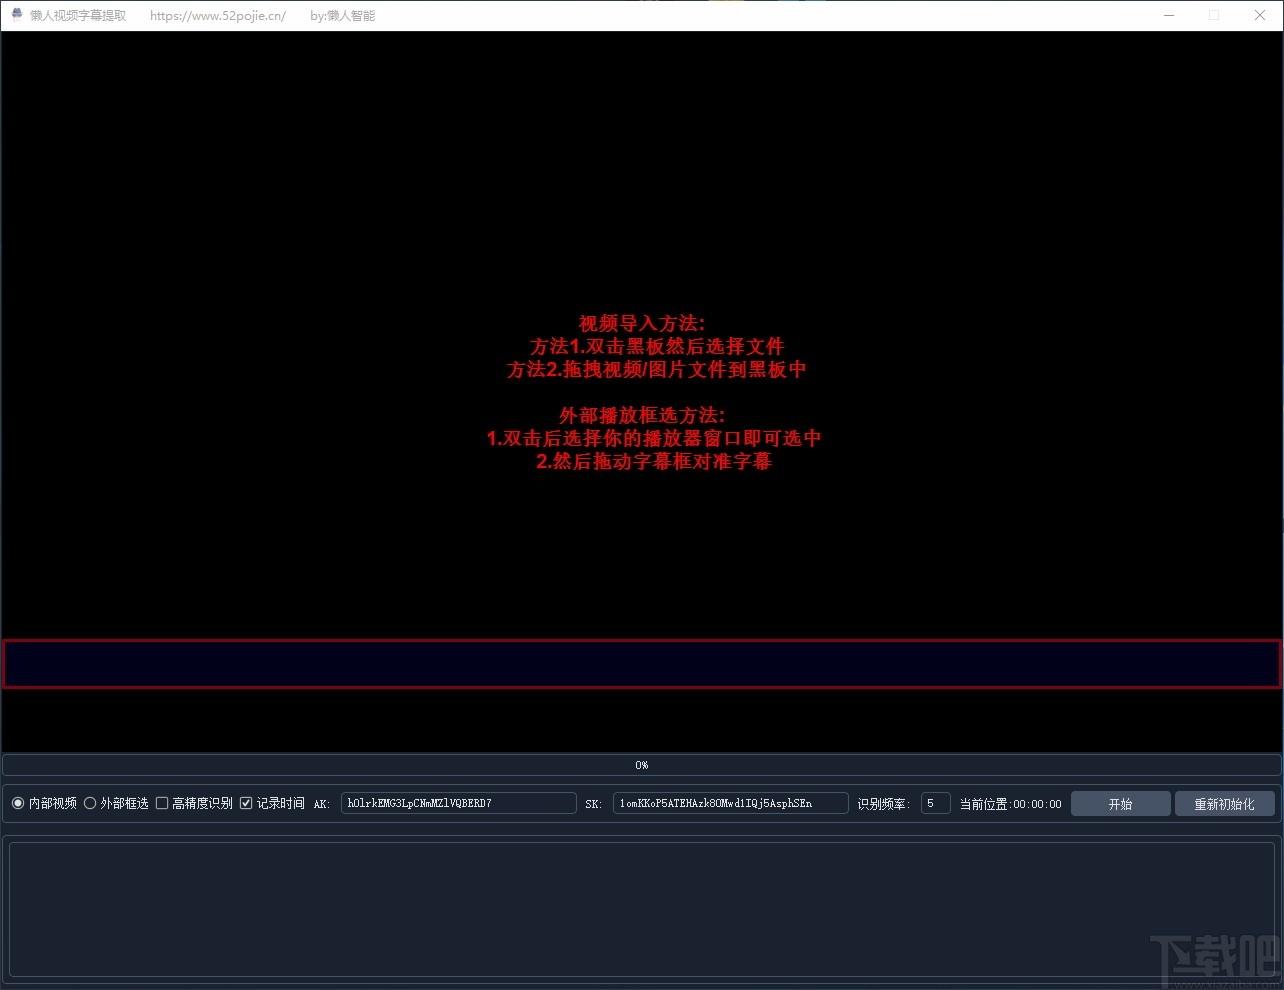 懶人視頻字幕提取工具